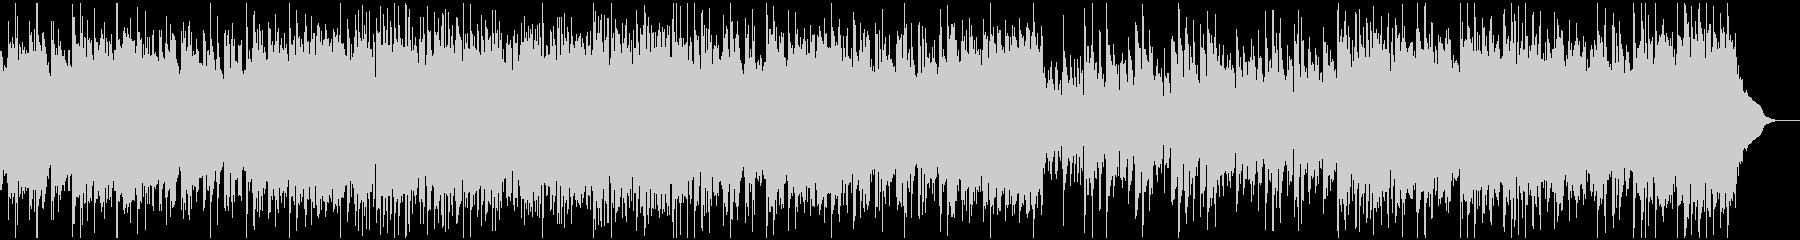 和風ゴシック系の不思議なワルツの未再生の波形